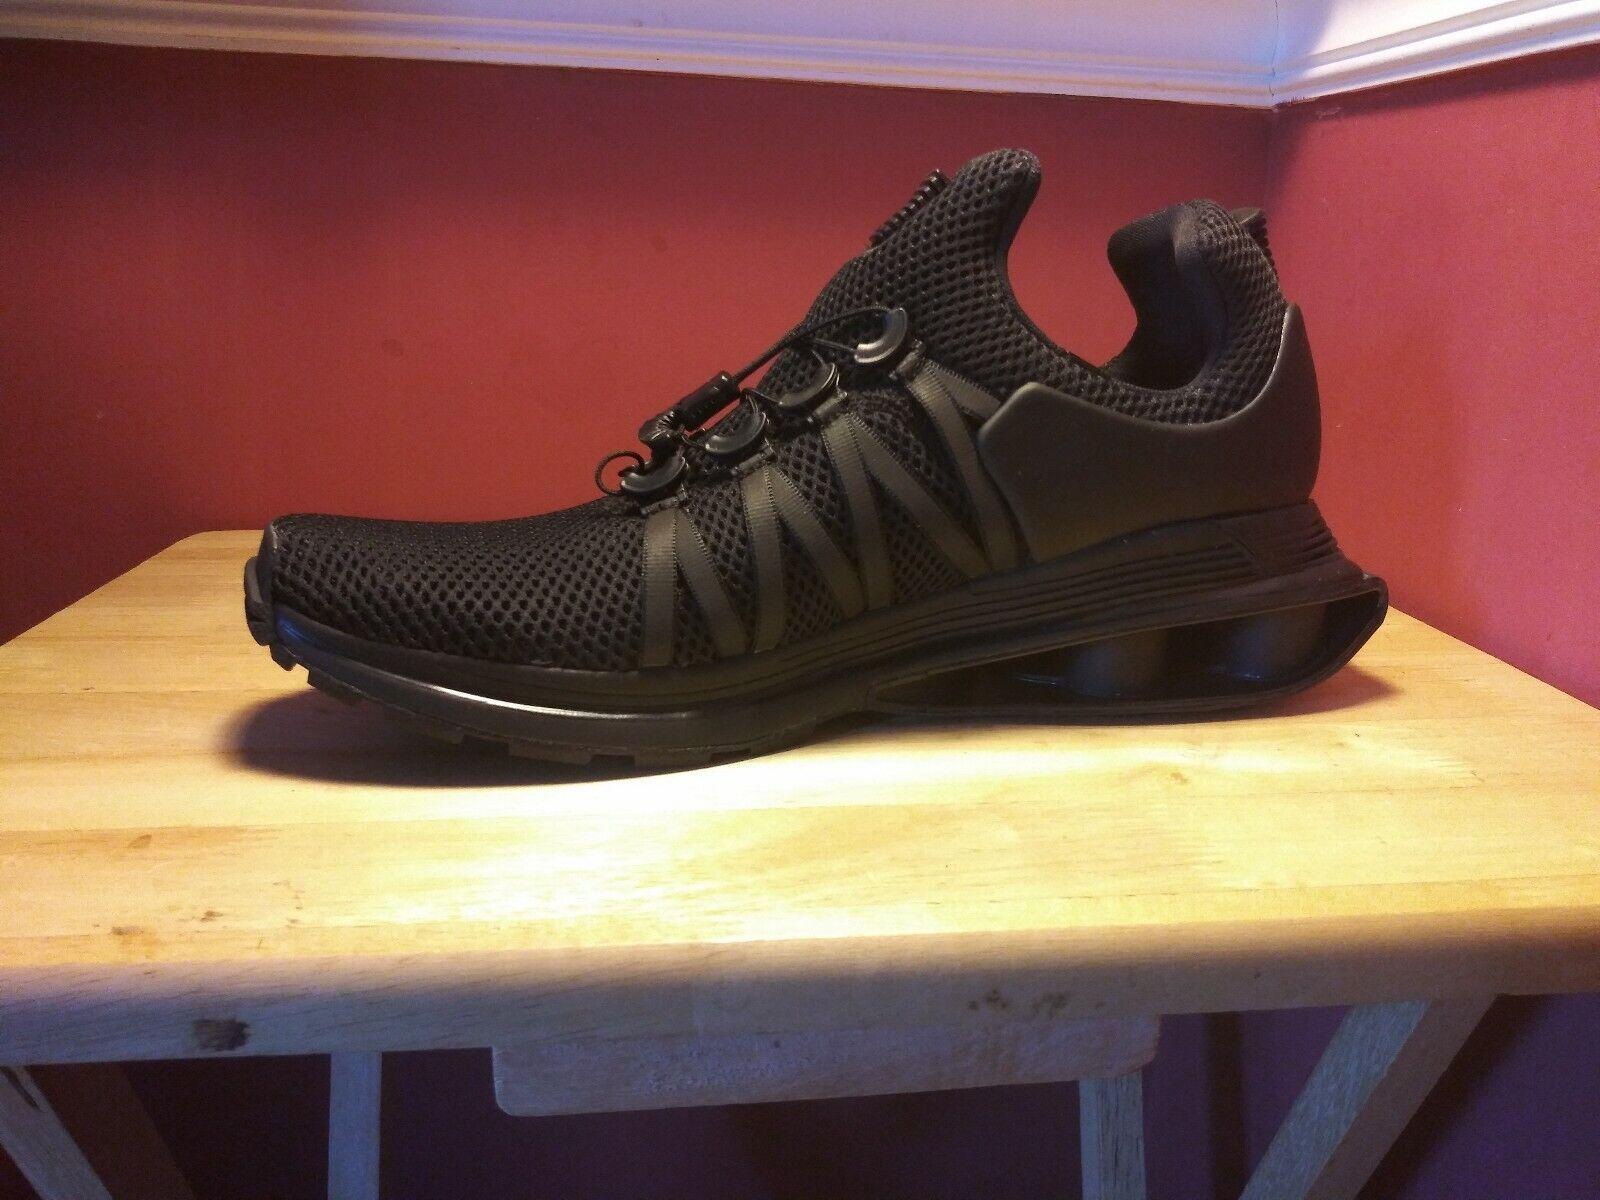 Nuove nike shox gravità uomini scarpe taglia 10 triple triple triple nero   Ottima selezione  dd1515